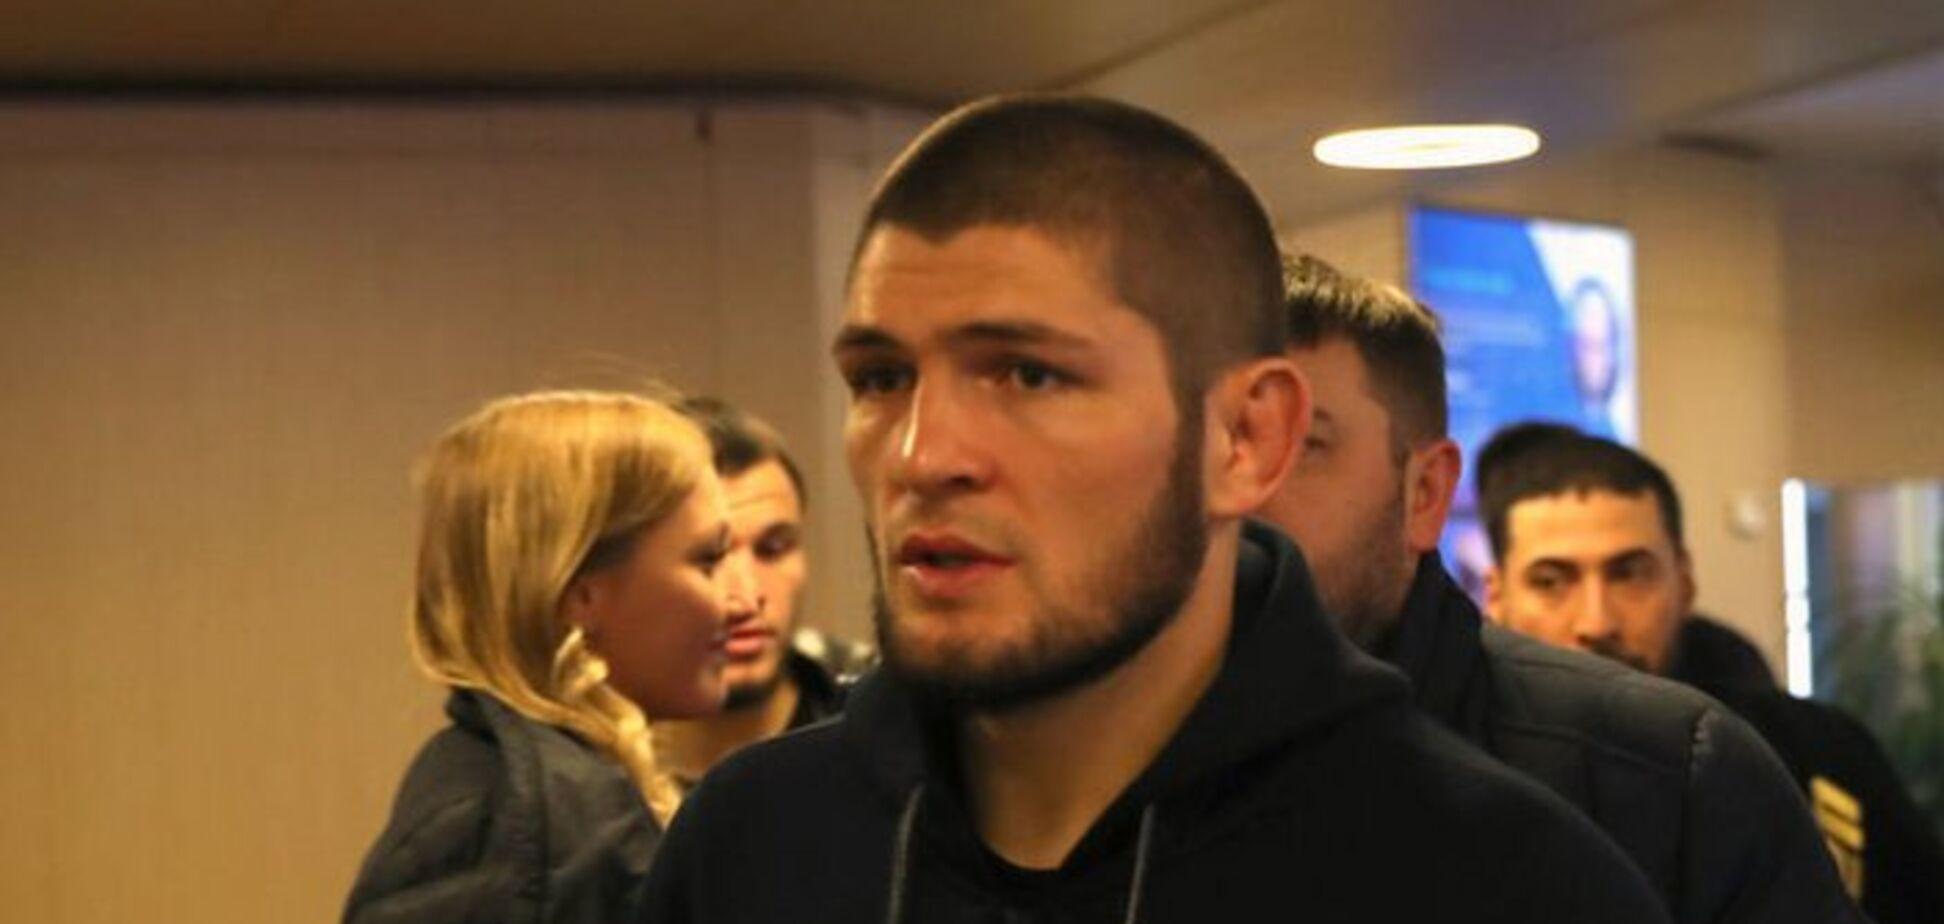 Сбежал: чемпион UFC Хабиб озадачил Россию странным поступком